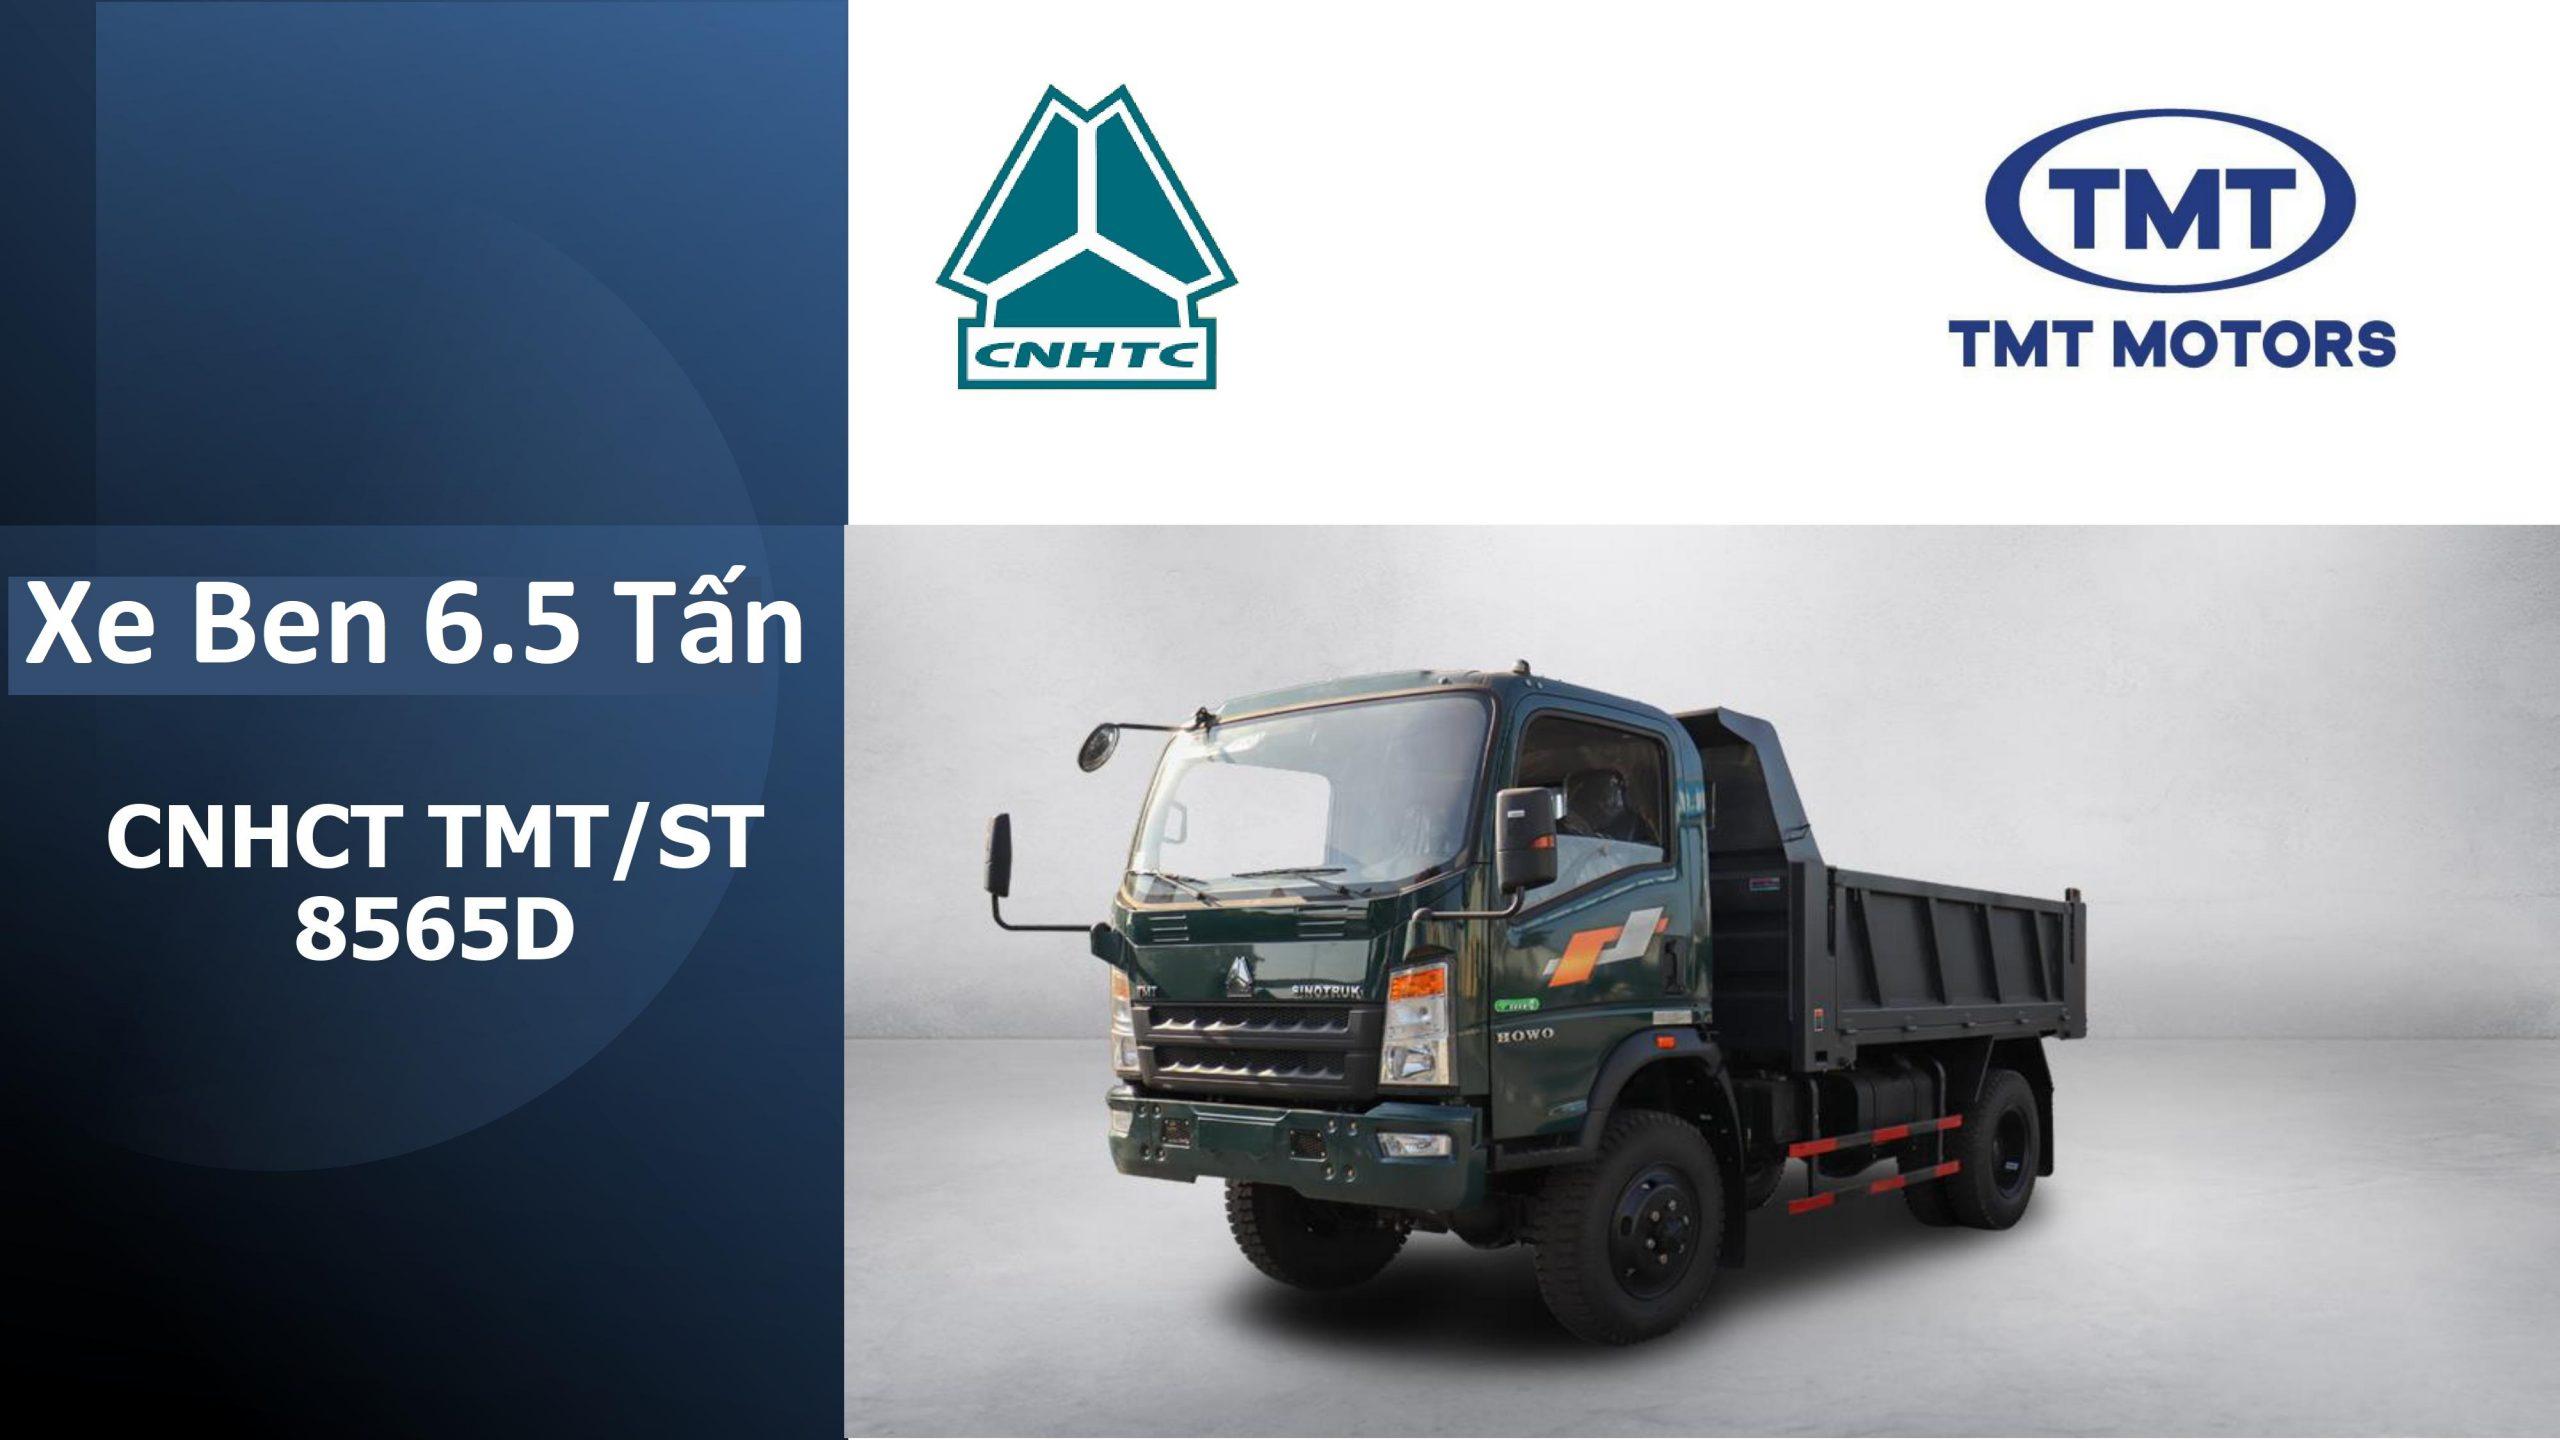 TMT ST8565D